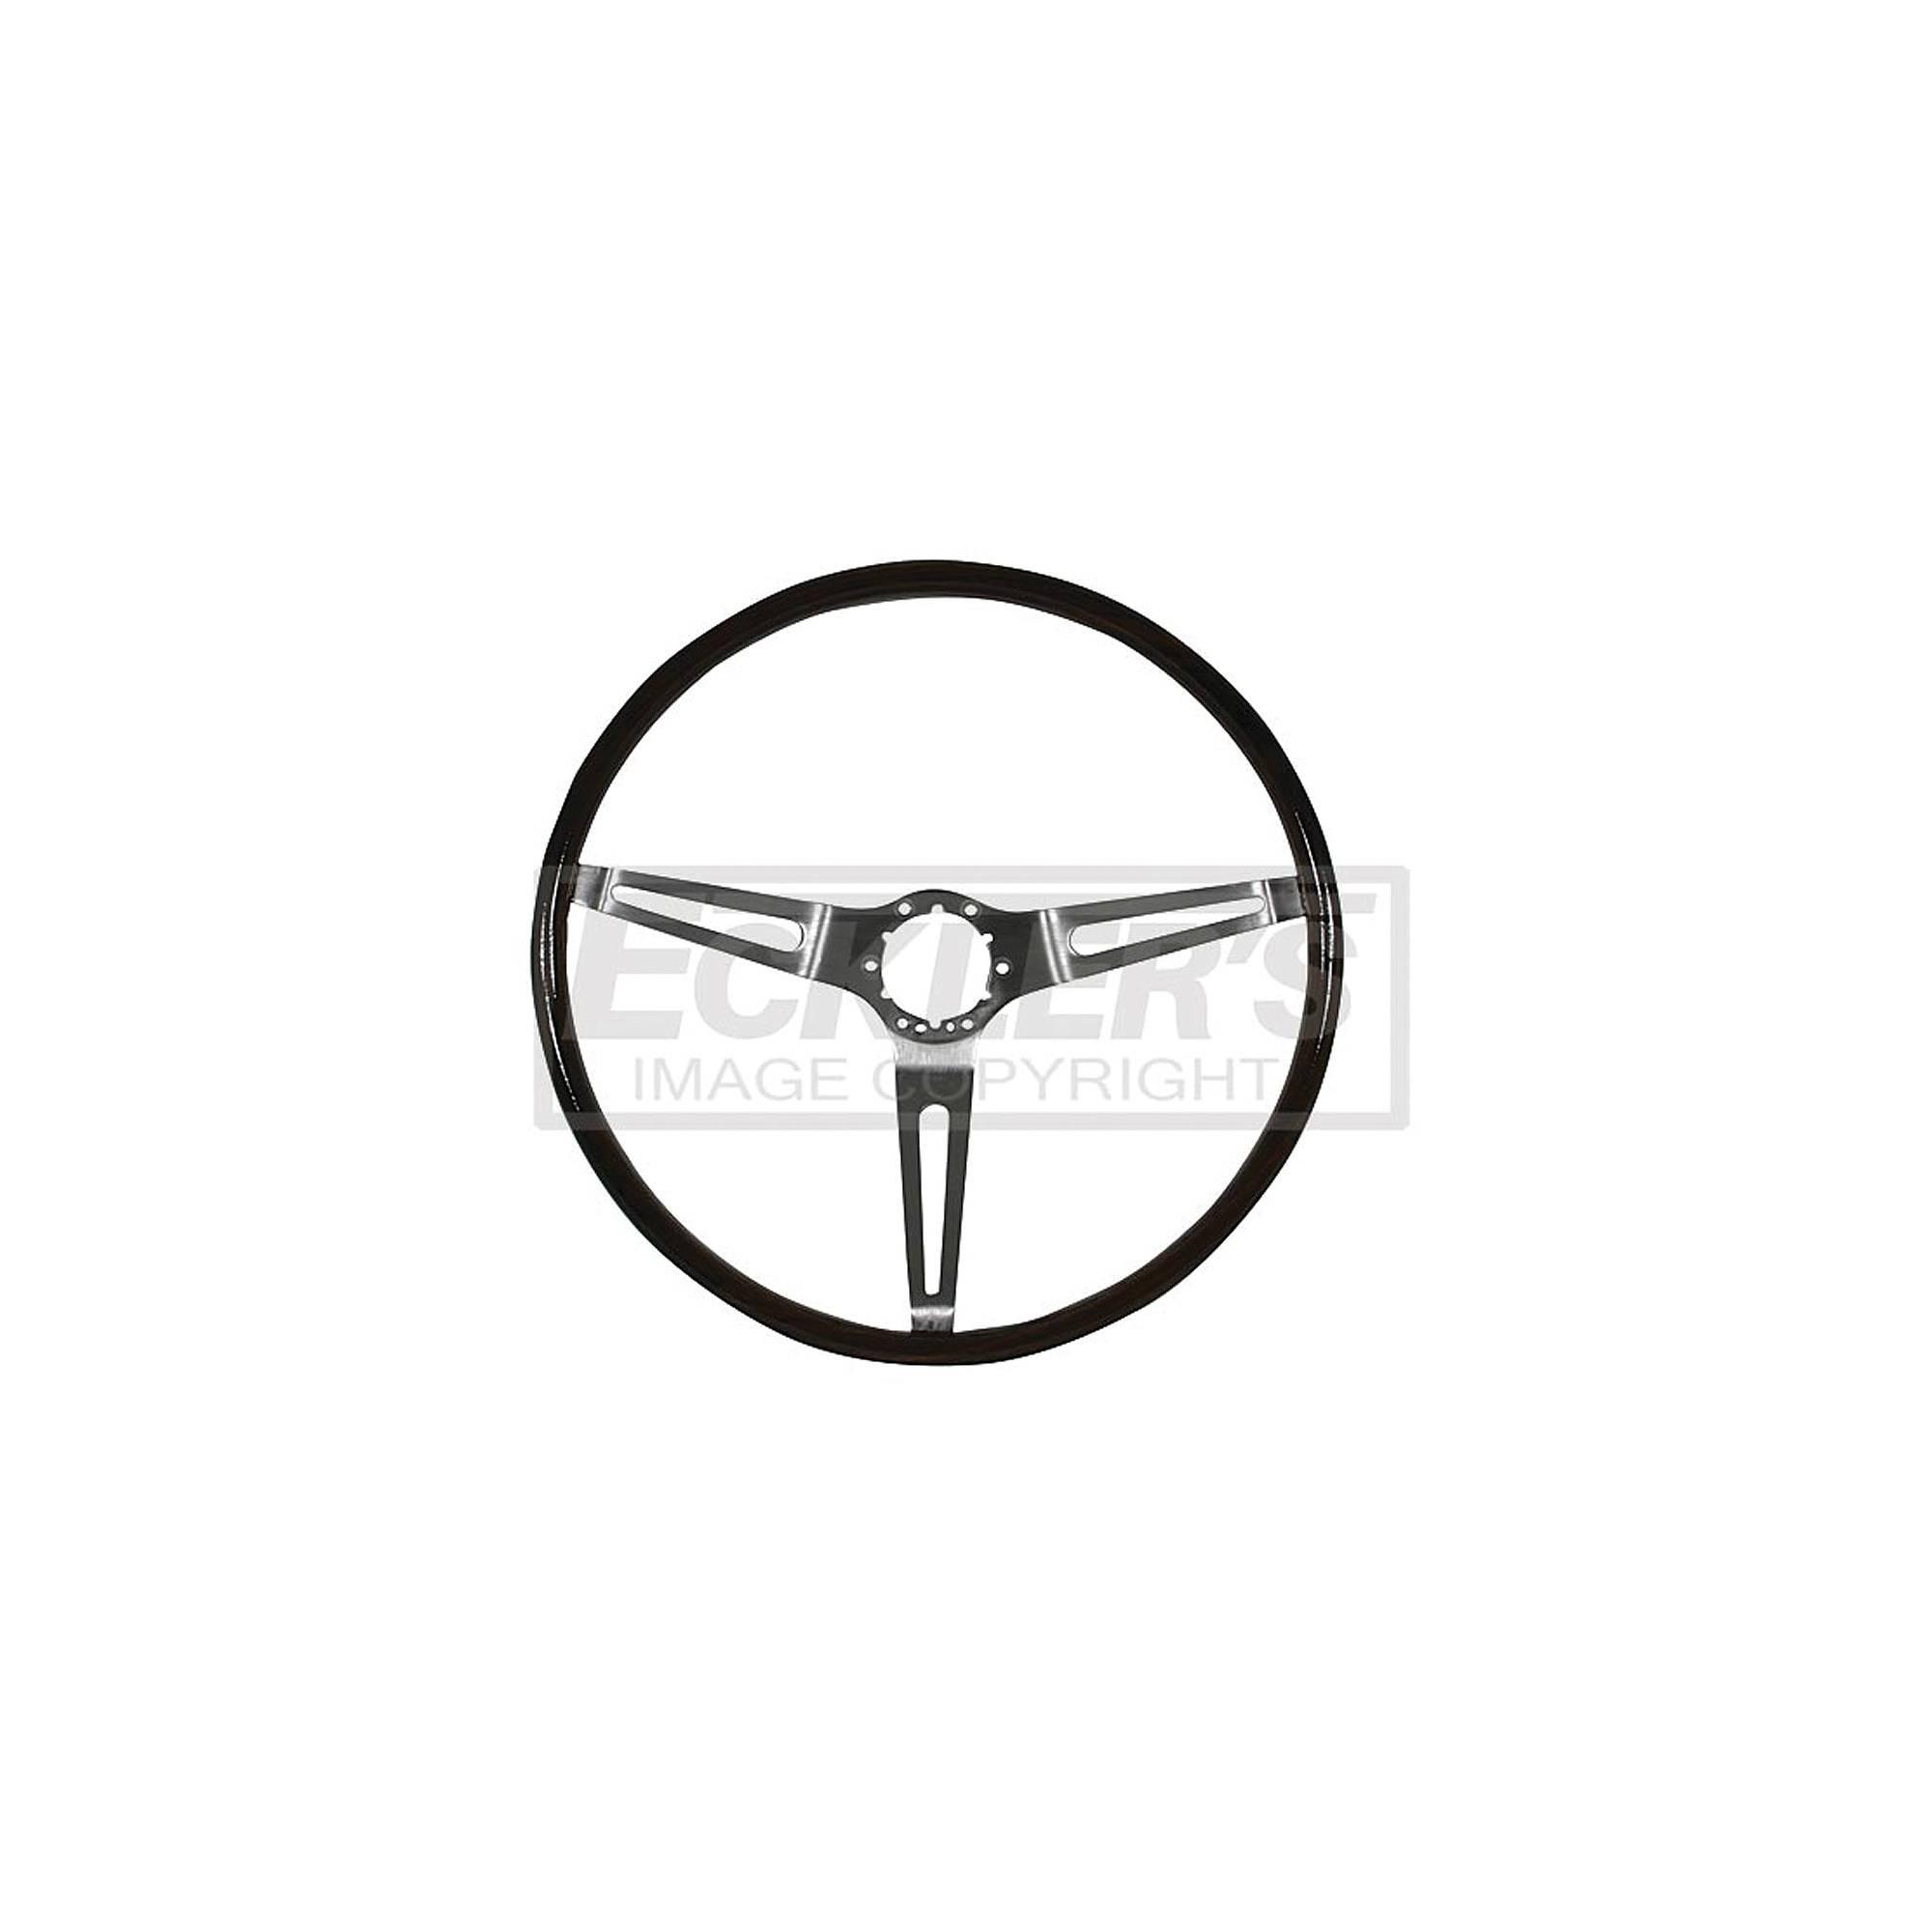 Eckler S Premier Products 55 El Camino Steering